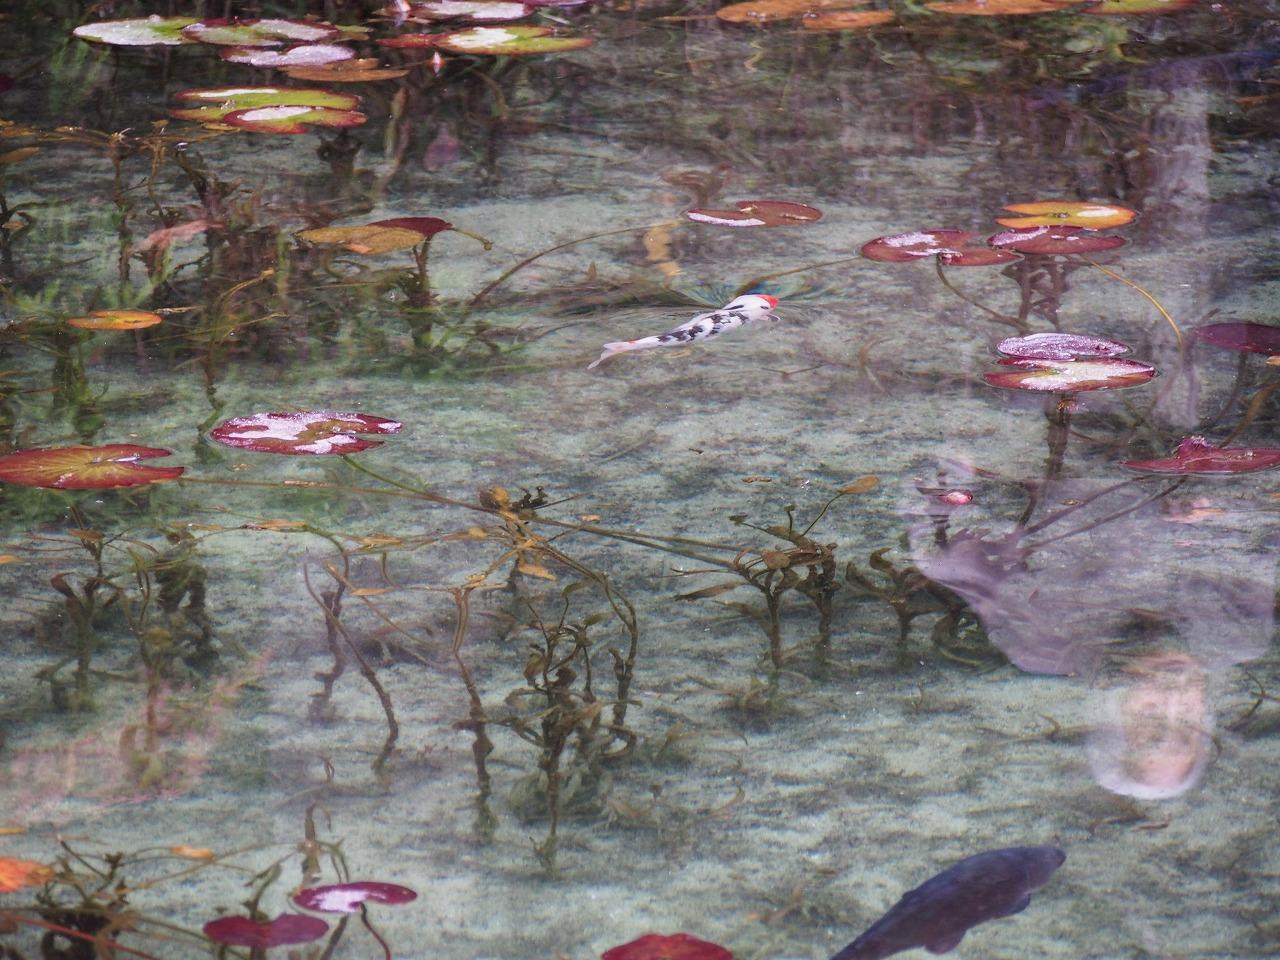 モネの池幽霊